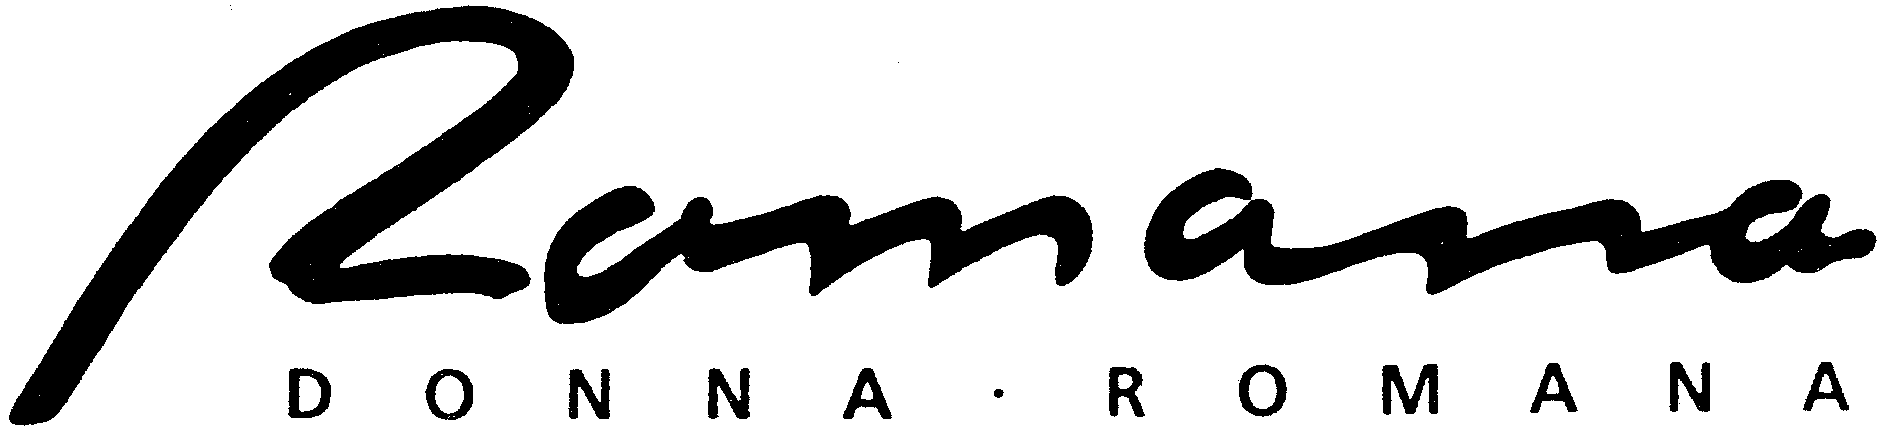 Marken-ID: P-459161